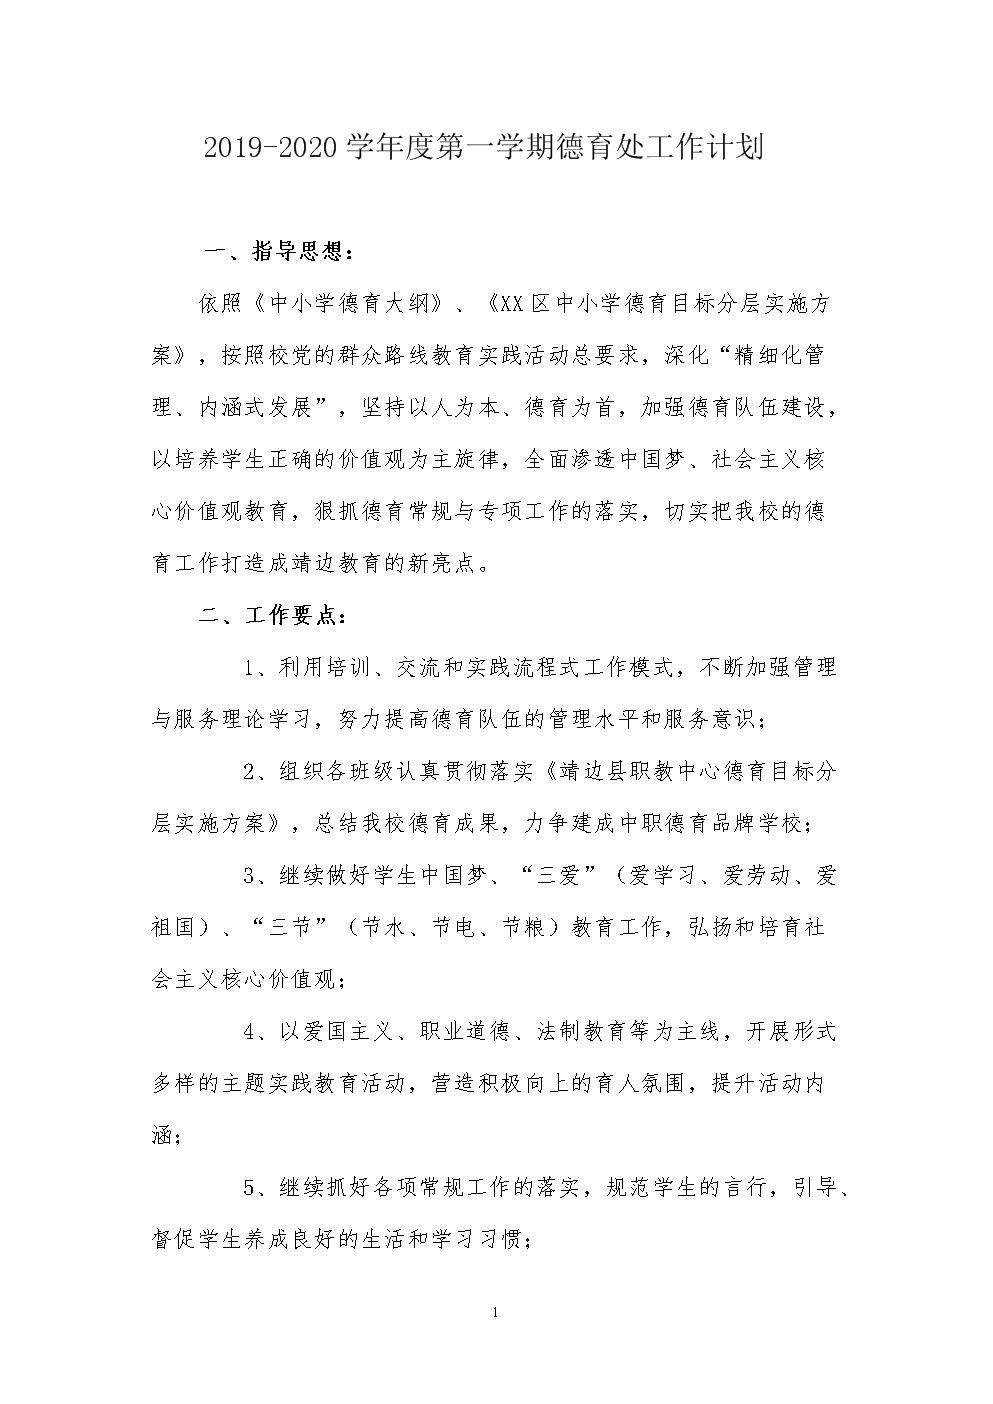 2019-2020学年度第一学期学校德育处工作计划.doc